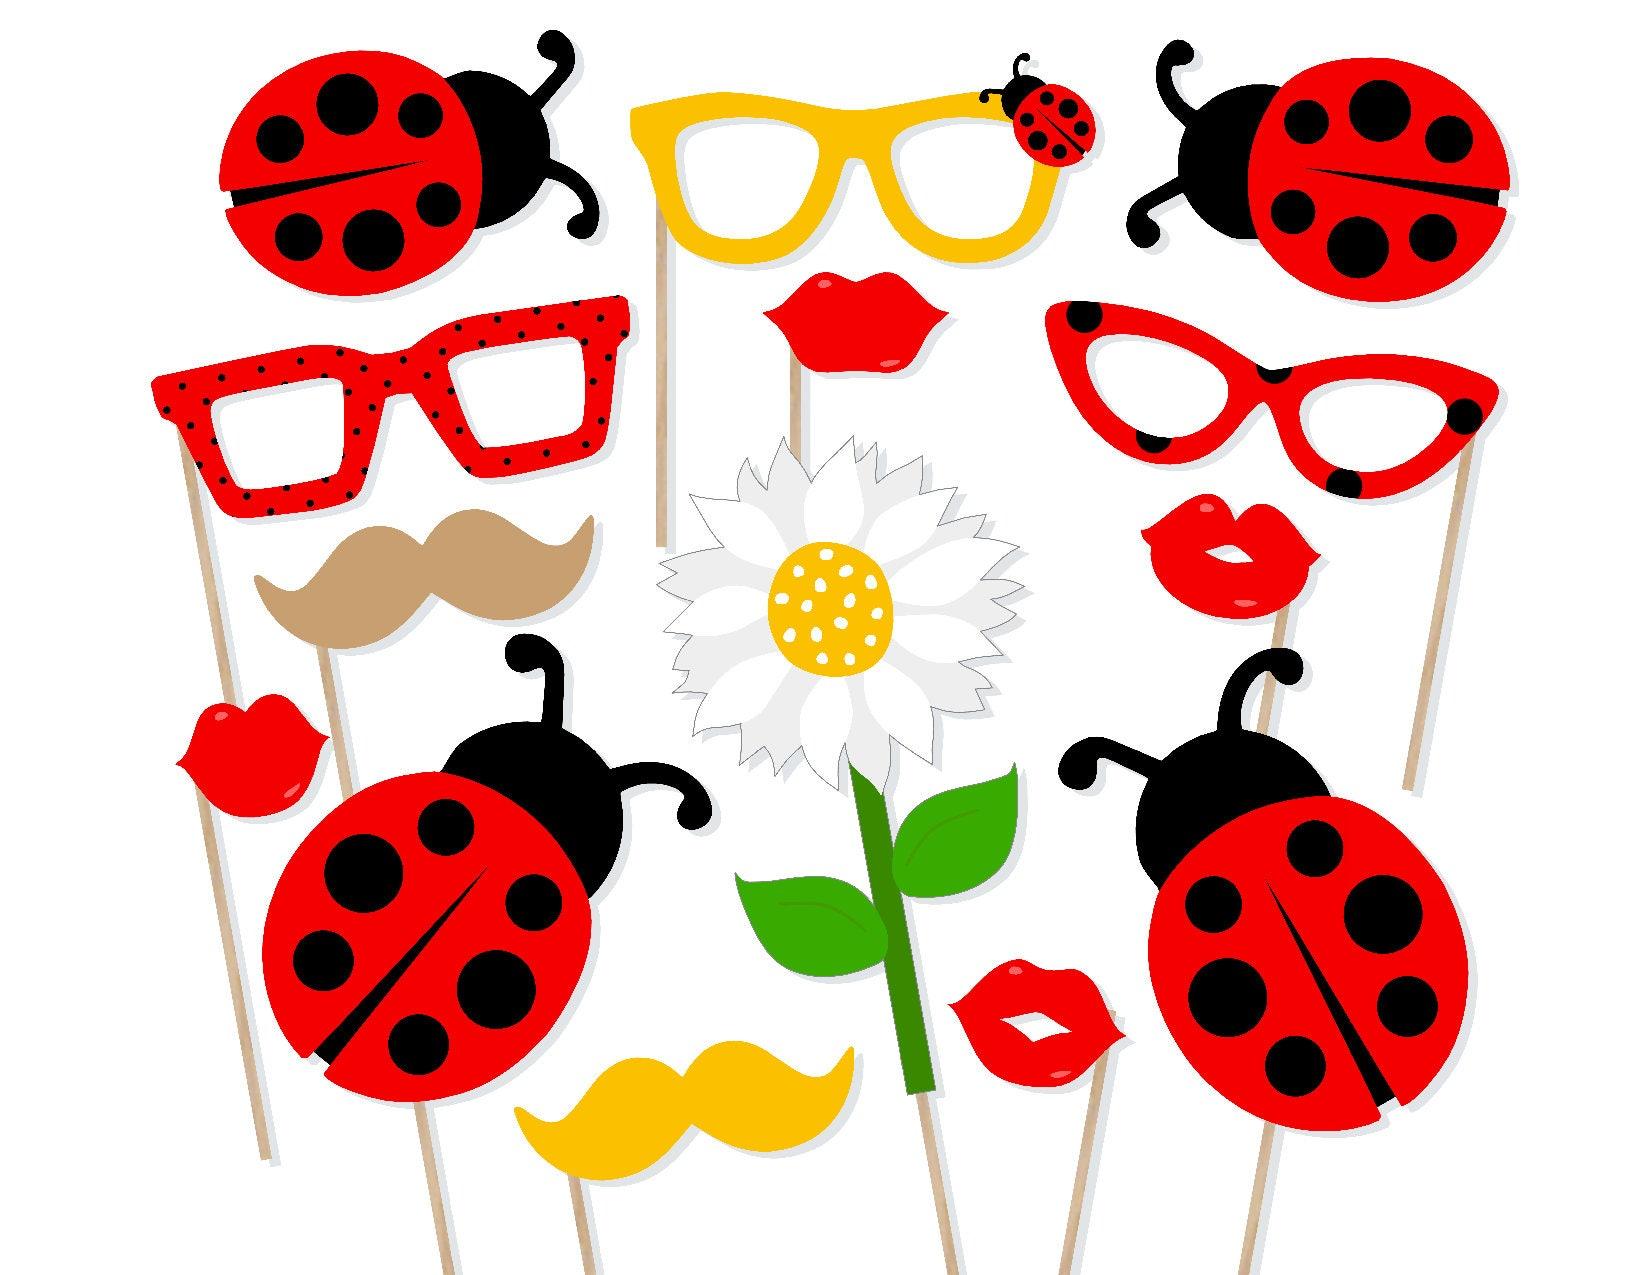 image regarding Printable Ladybug titled Printable Ladybug Picture Booth Props - Ladybug Photobooth Props - Ladybug Printable Props - Ladybug Birthday - Ladybug Kid Shower - Ladybugs